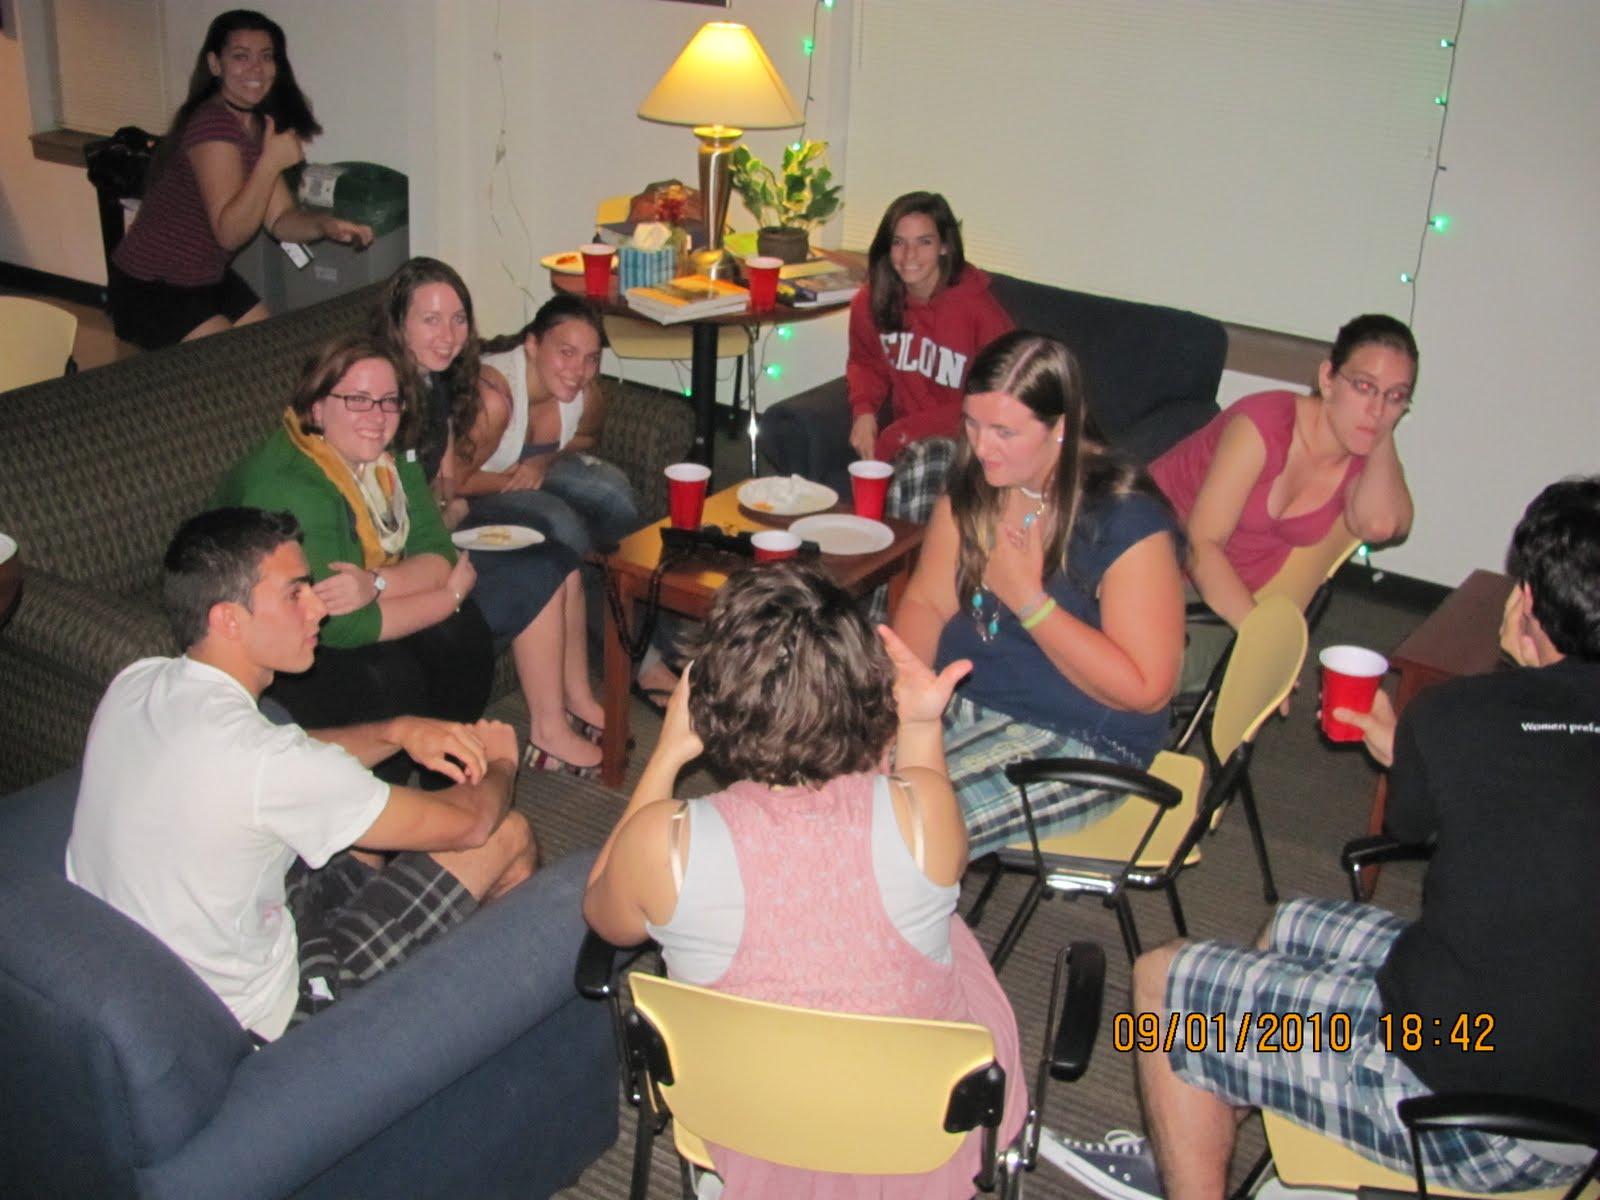 La casa de espa ol primera reuni n fall 2010 cumplea os - Cumpleanos en casa ...